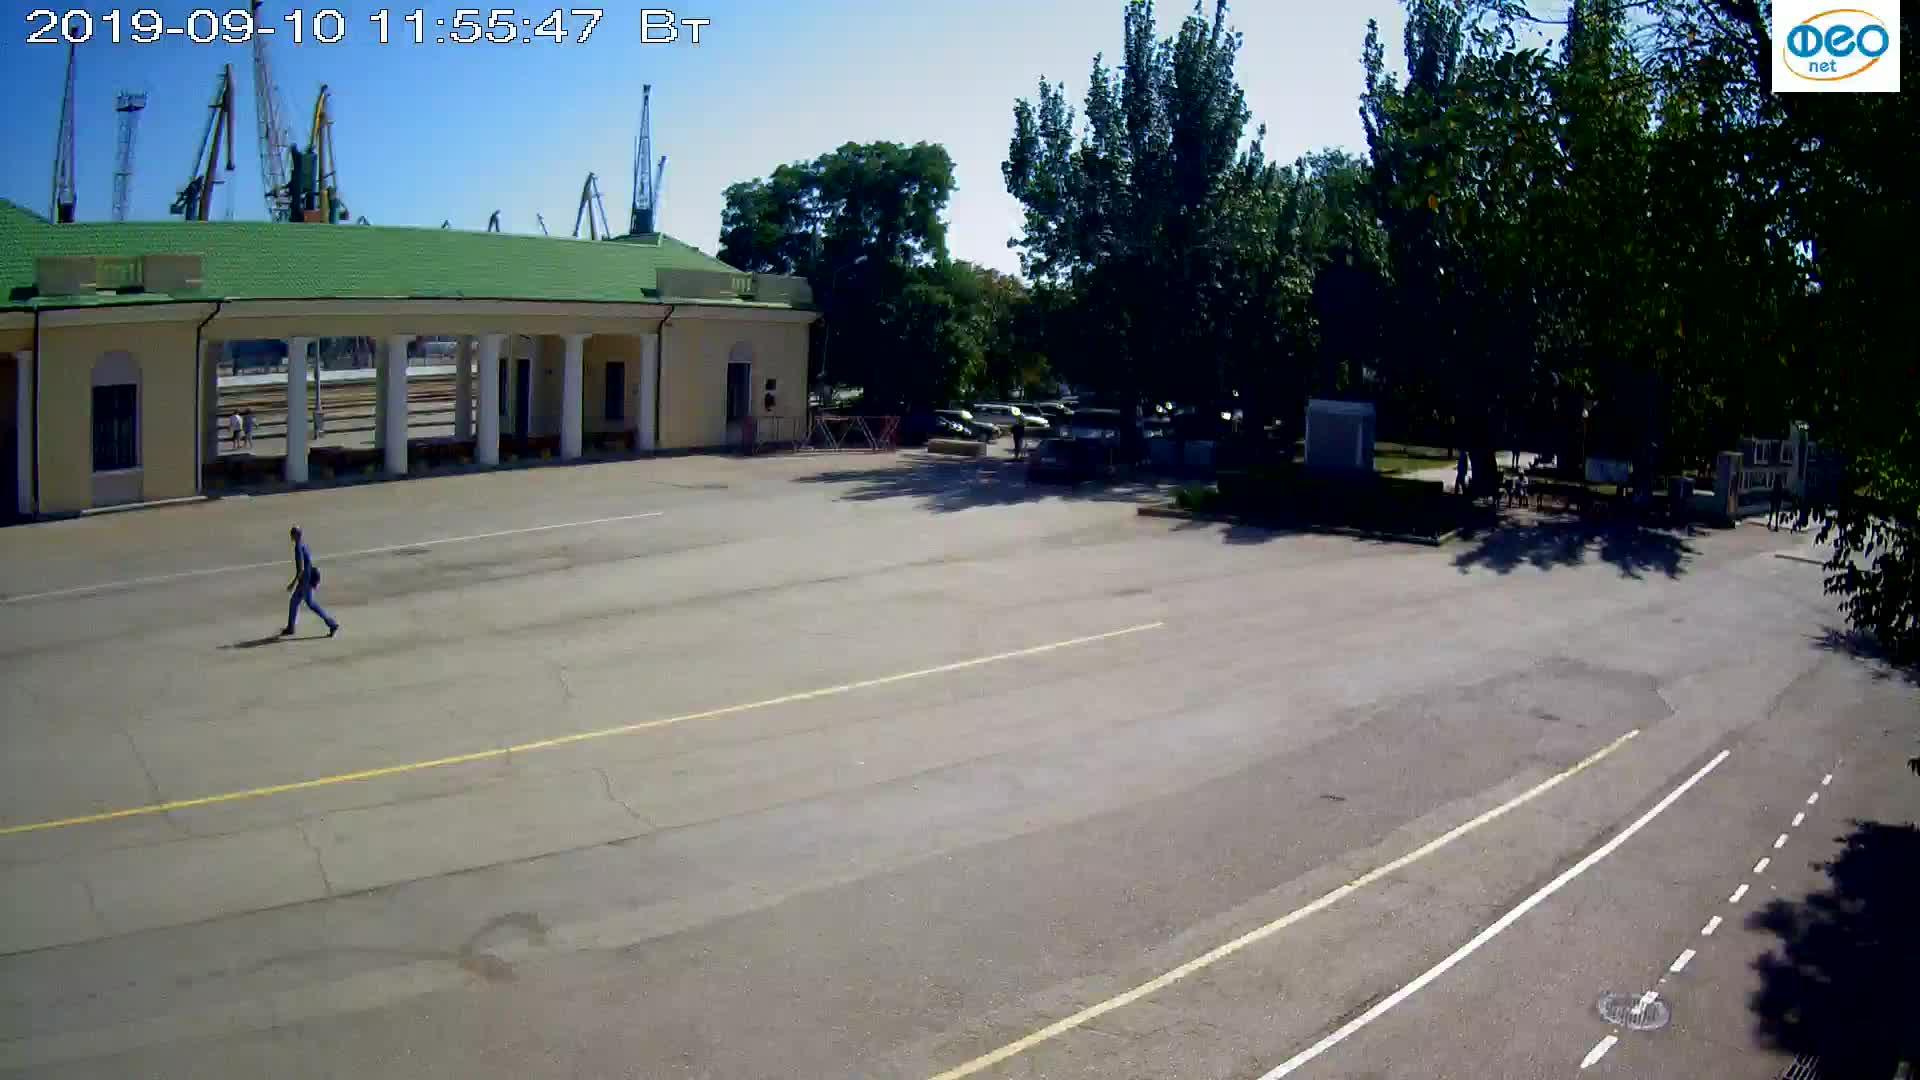 Веб-камеры Феодосии, Привокзальная площадь 2, 2019-09-10 11:43:09